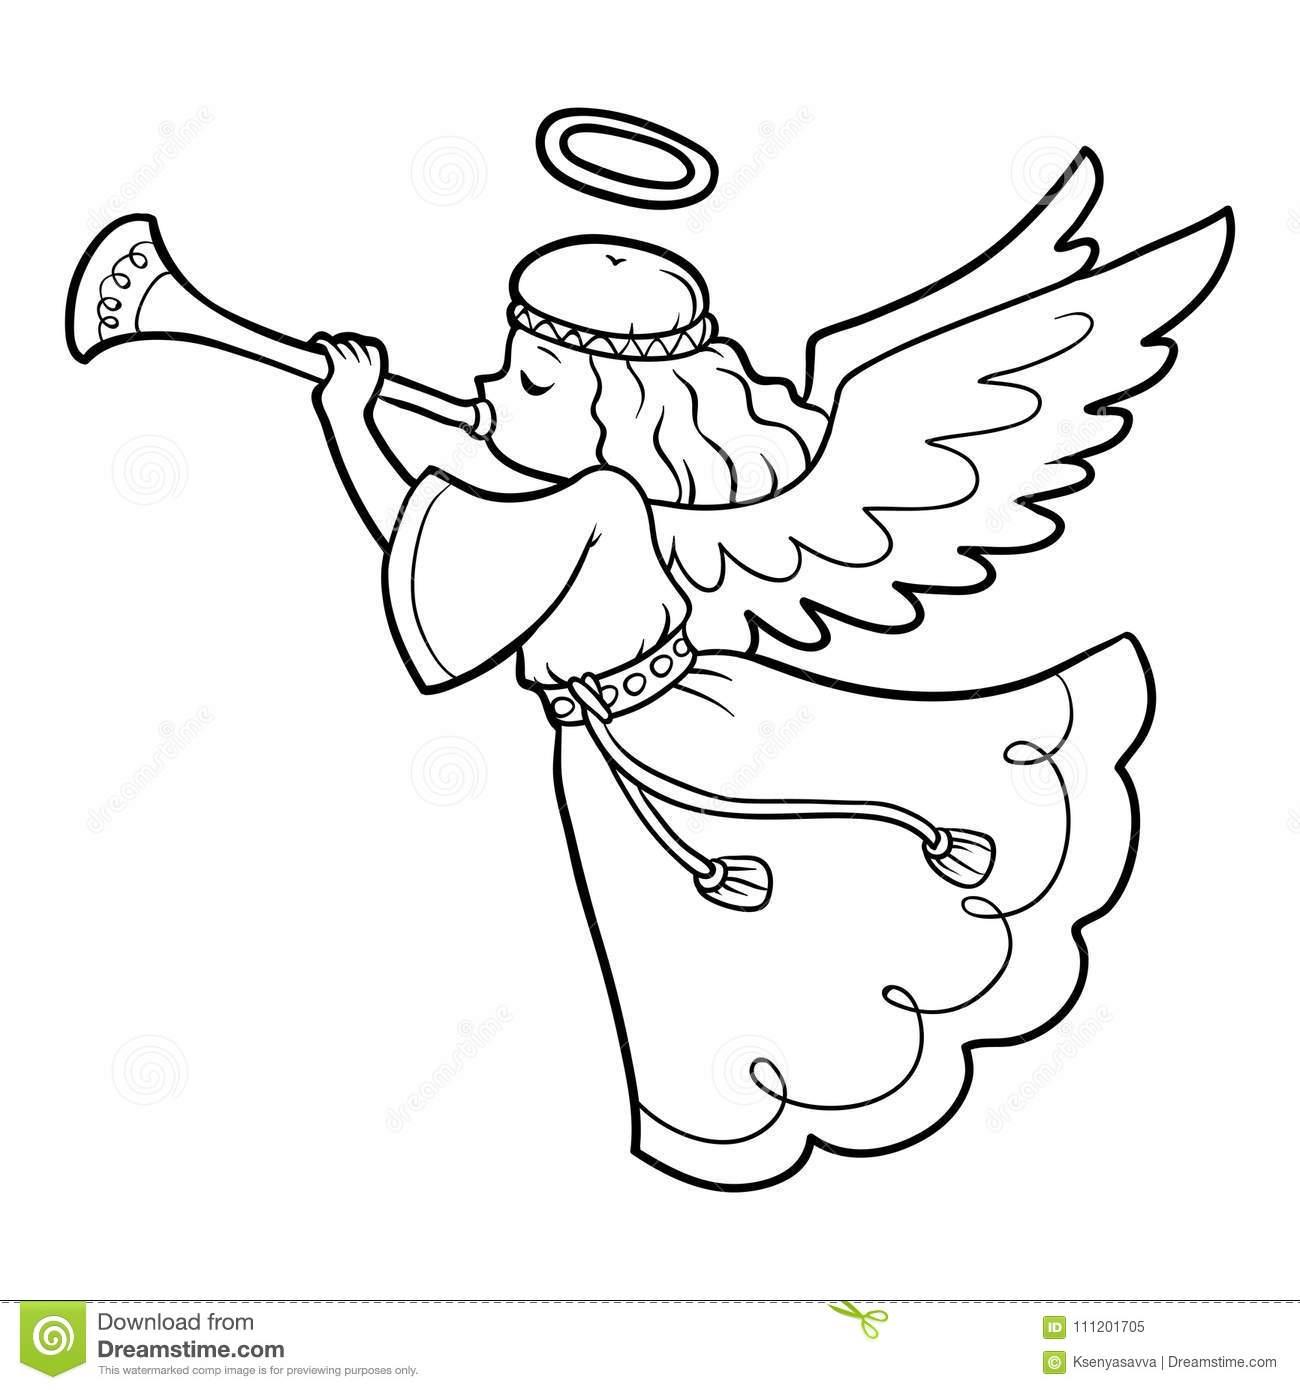 malvorlage engel umriss - kinderbilder.download